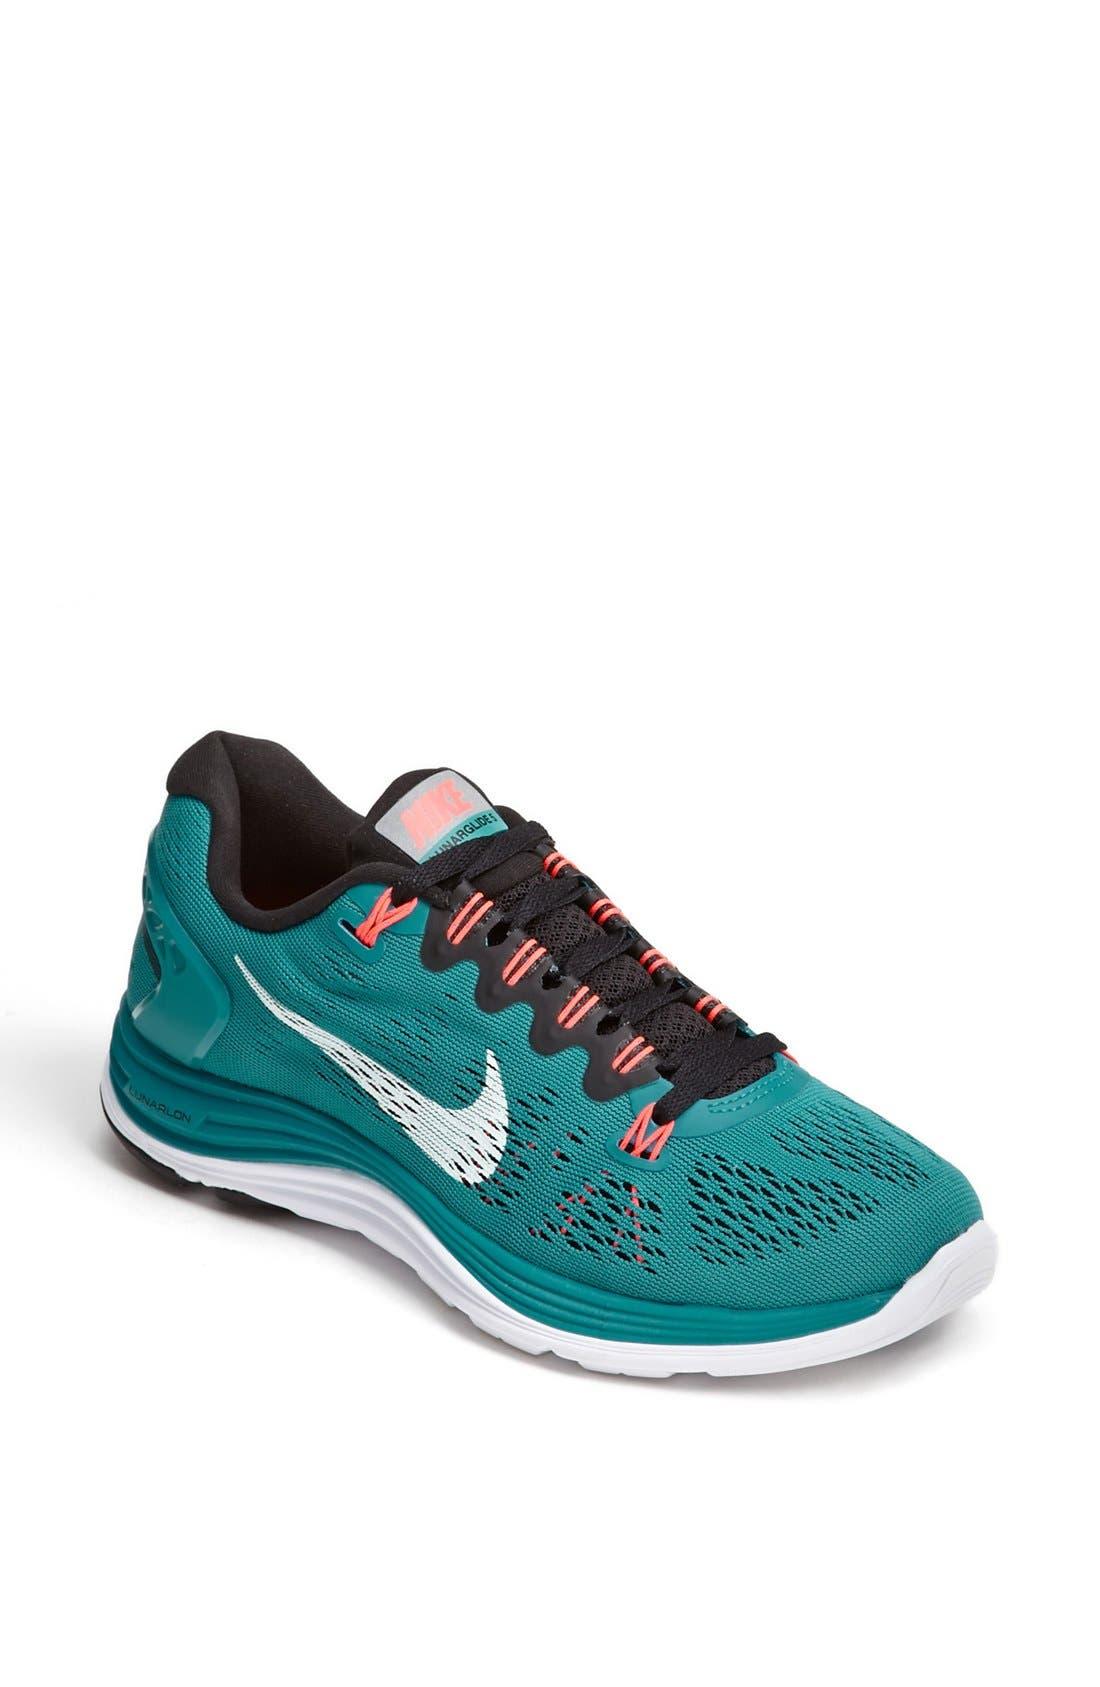 Main Image - Nike 'LunarGlide 5' Running Shoe (Women)